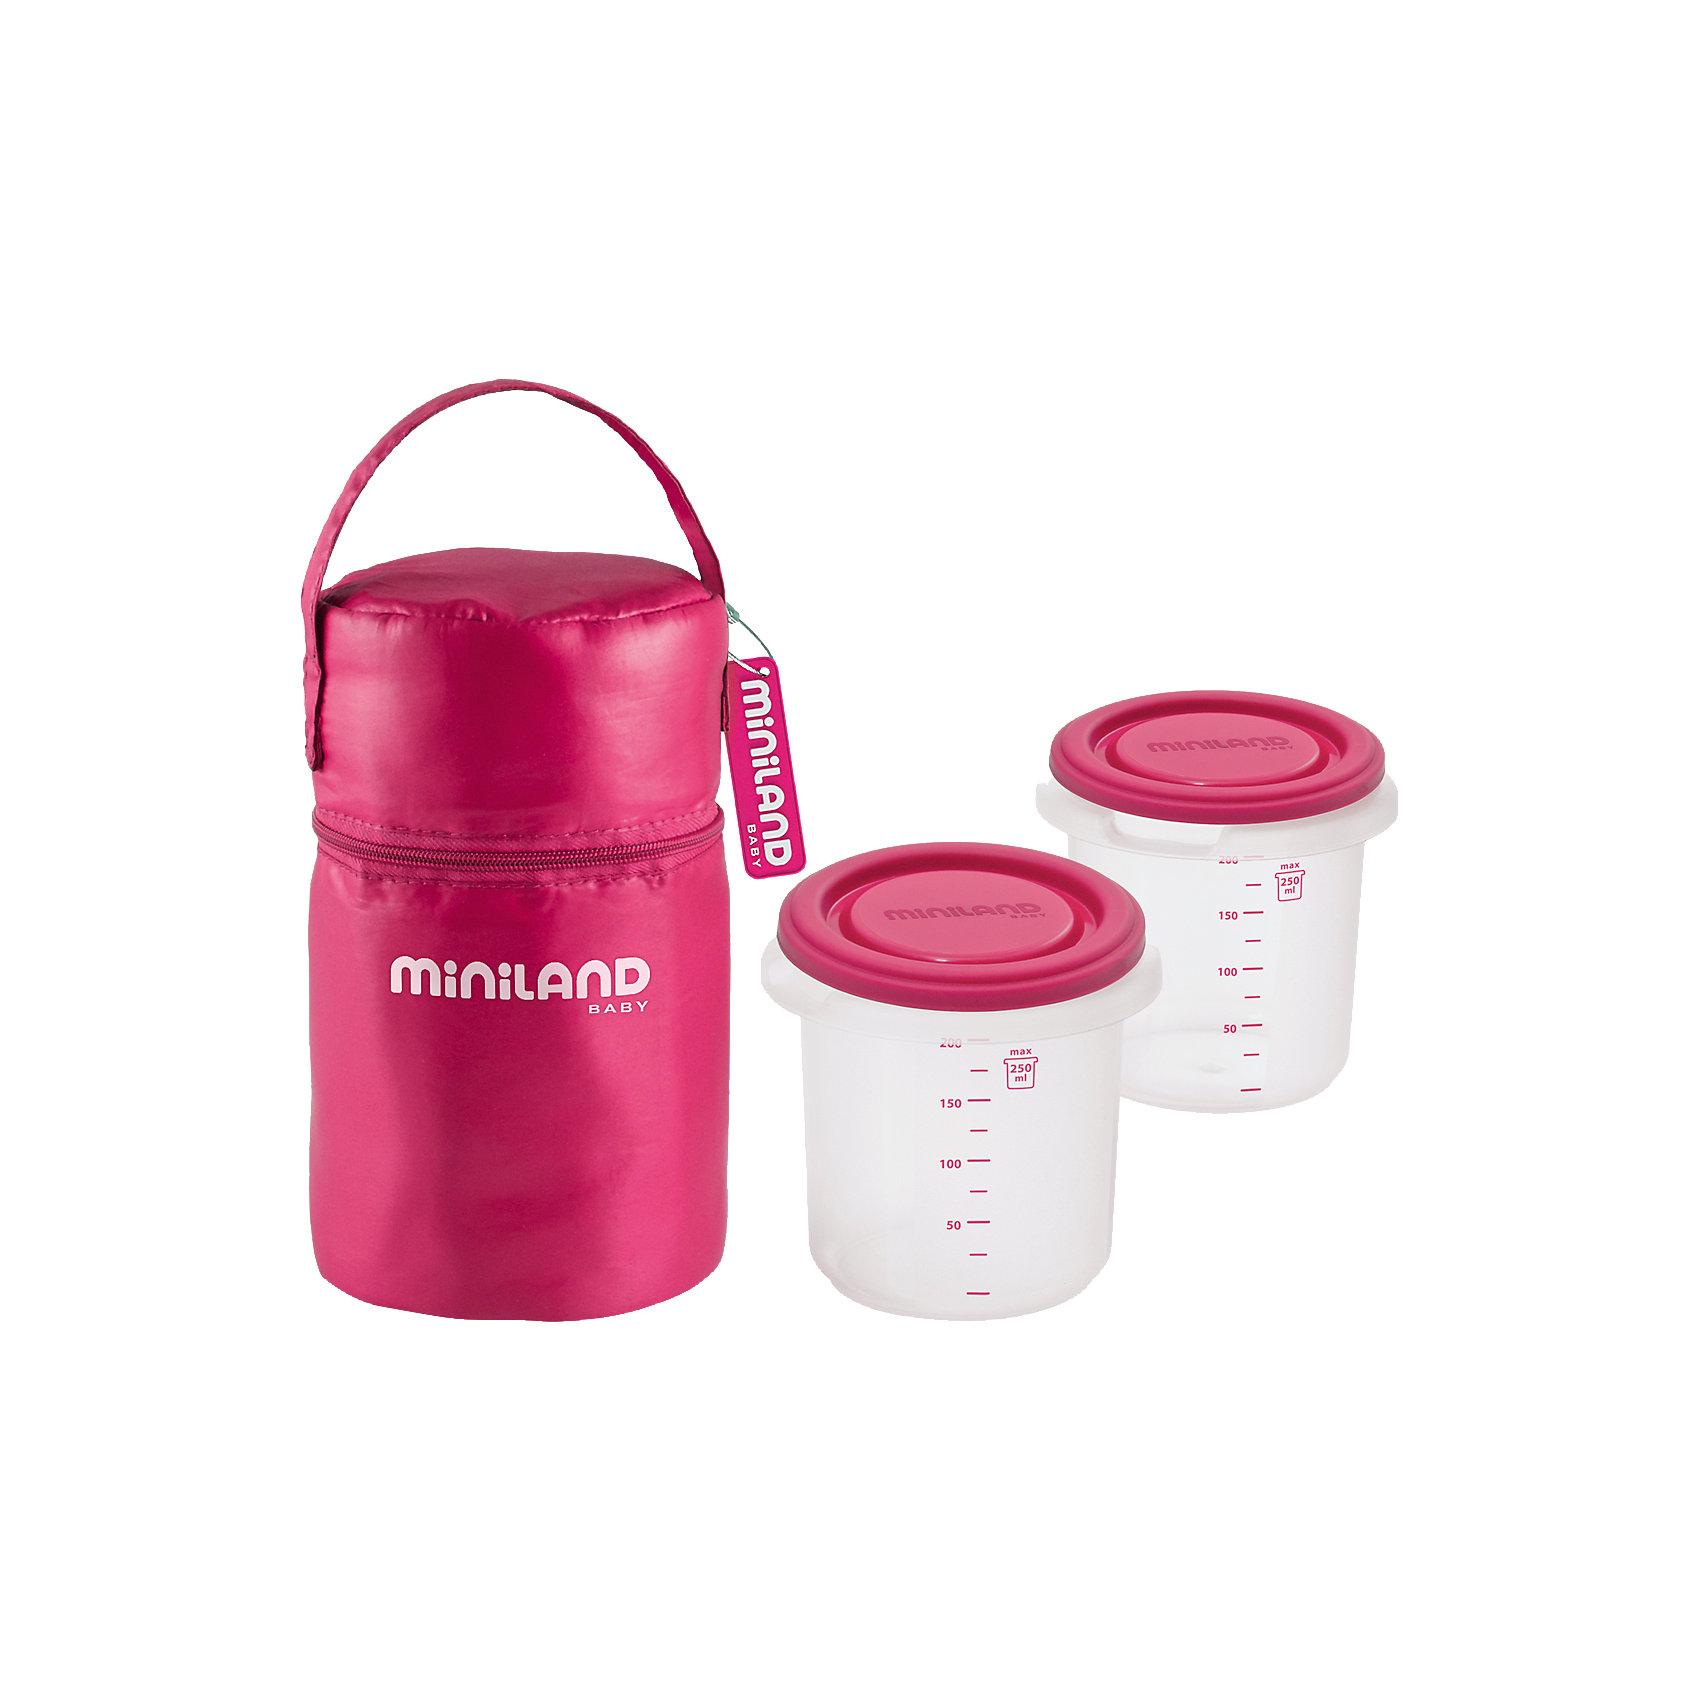 Термосумка с 2-мя мерными стаканчиками, HERMISIZED, розовыйТермосумки и термосы<br>Удобная и практичная Термосумка Pack-2-go Hermisized поможет Вам накормить малыша во время прогулок и путешествий в любом месте. Сумка изготовлена плотного термоматериала, который помогает поддерживать нужную температуру пищи в течение длительного периода времени. Внутри сумки 2 герметичных мерных контейнера в форме стаканов, которые отлично подойдут для хранения детского питания, пюре и каш. Шкала на стенках позволяет легко дозировать питание. Контейнеры можно извлечь из сумки и замораживать в холодильнике, разогревать в микроволновой печи и мыть в посудомоечной машине.<br><br>Сумка застегивается на молнию, имеются большой карман, удобная ручка для транспортировки и липучки для крепления к коляске или сумке.  <br><br>Дополнительная информация:<br><br>- В комплекте: термосумка и 2 мерных стаканчика.<br>- Цвет: розовый.<br>- Материал: плотный термоматериал, пластик.<br>- Размер сумки: 10 х 10 х 15 см.<br>- Размер контейнера: 8,5 х 8,5 х 8,5 см.<br>- Вес: 0,38 кг.<br><br>Термосумку с 2 мерными стаканчиками Pack-2-go Hermisized можно купить в нашем интернет-магазине.<br><br>Ширина мм: 192<br>Глубина мм: 106<br>Высота мм: 106<br>Вес г: 167<br>Цвет: розовый<br>Возраст от месяцев: 0<br>Возраст до месяцев: 12<br>Пол: Женский<br>Возраст: Детский<br>SKU: 3827595